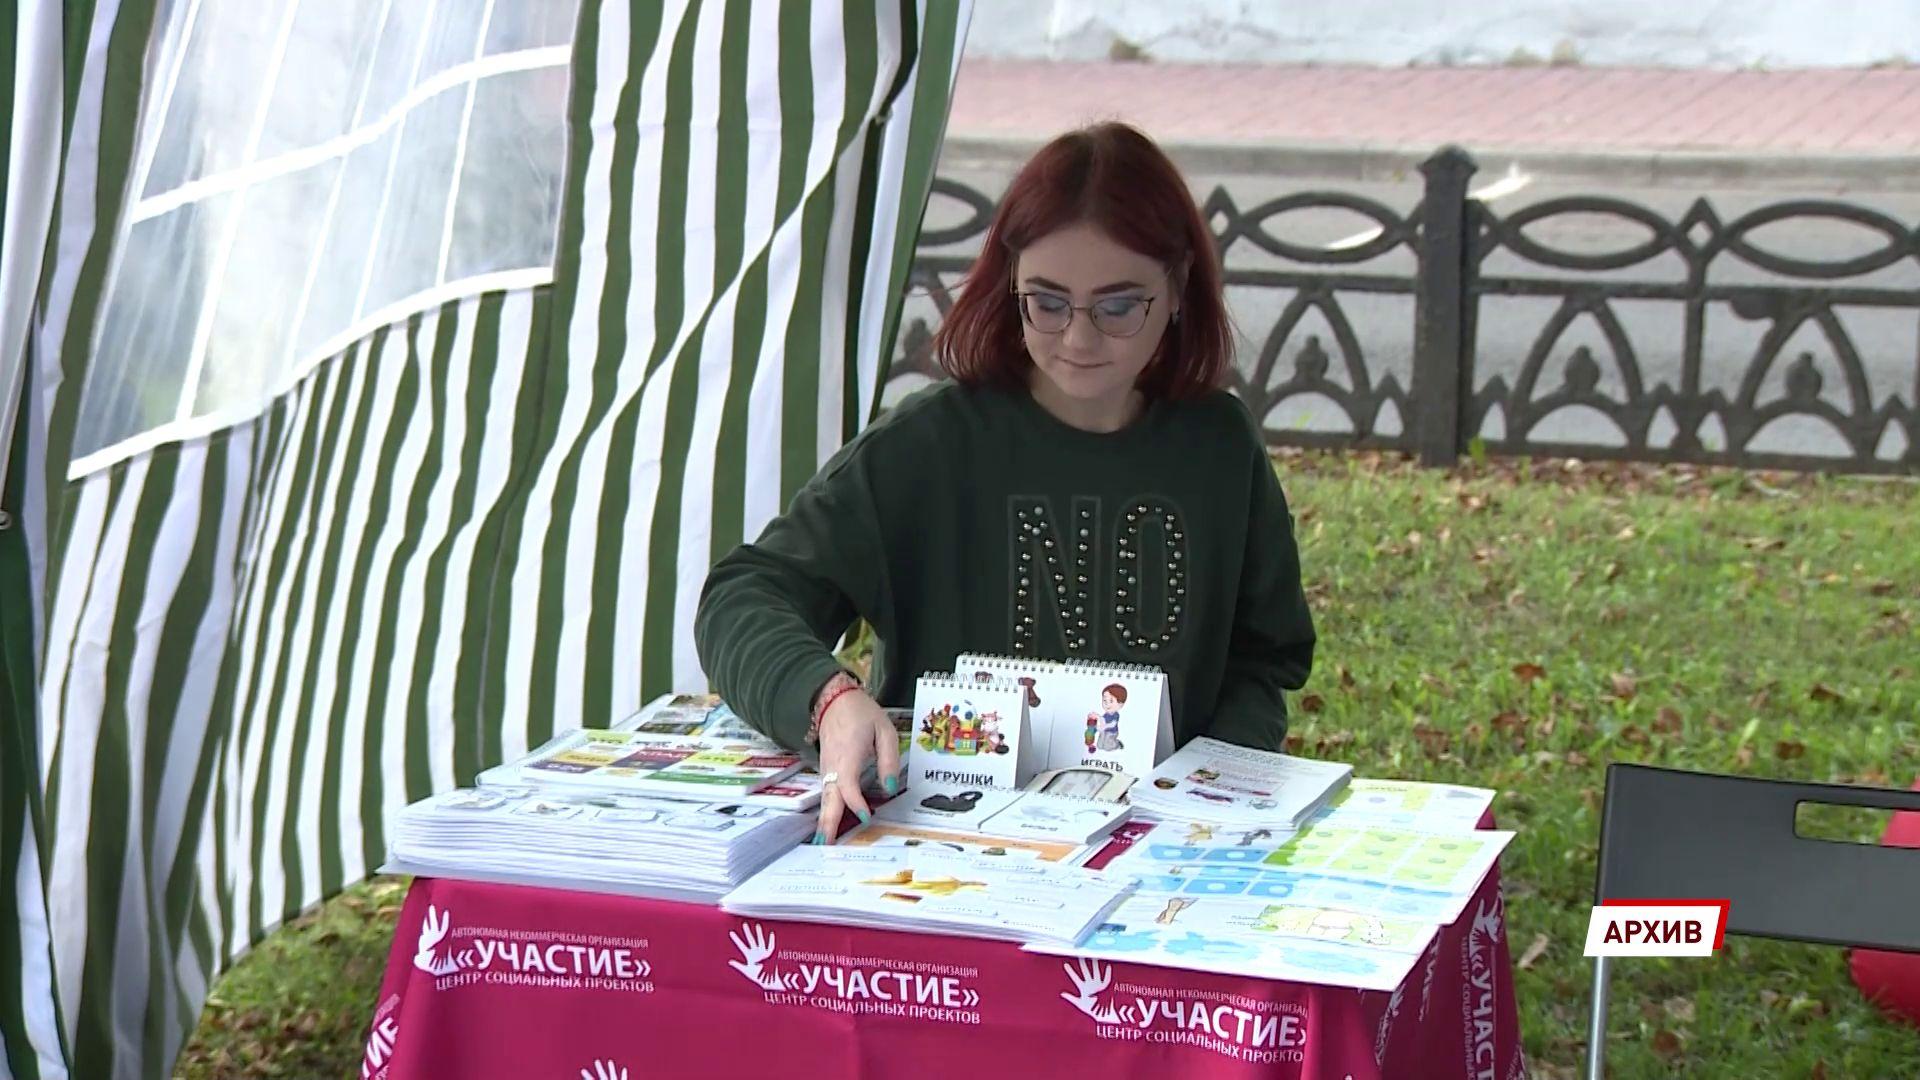 Ярославская область в числе лидеров России по оказанию поддержки некоммерческим организациям